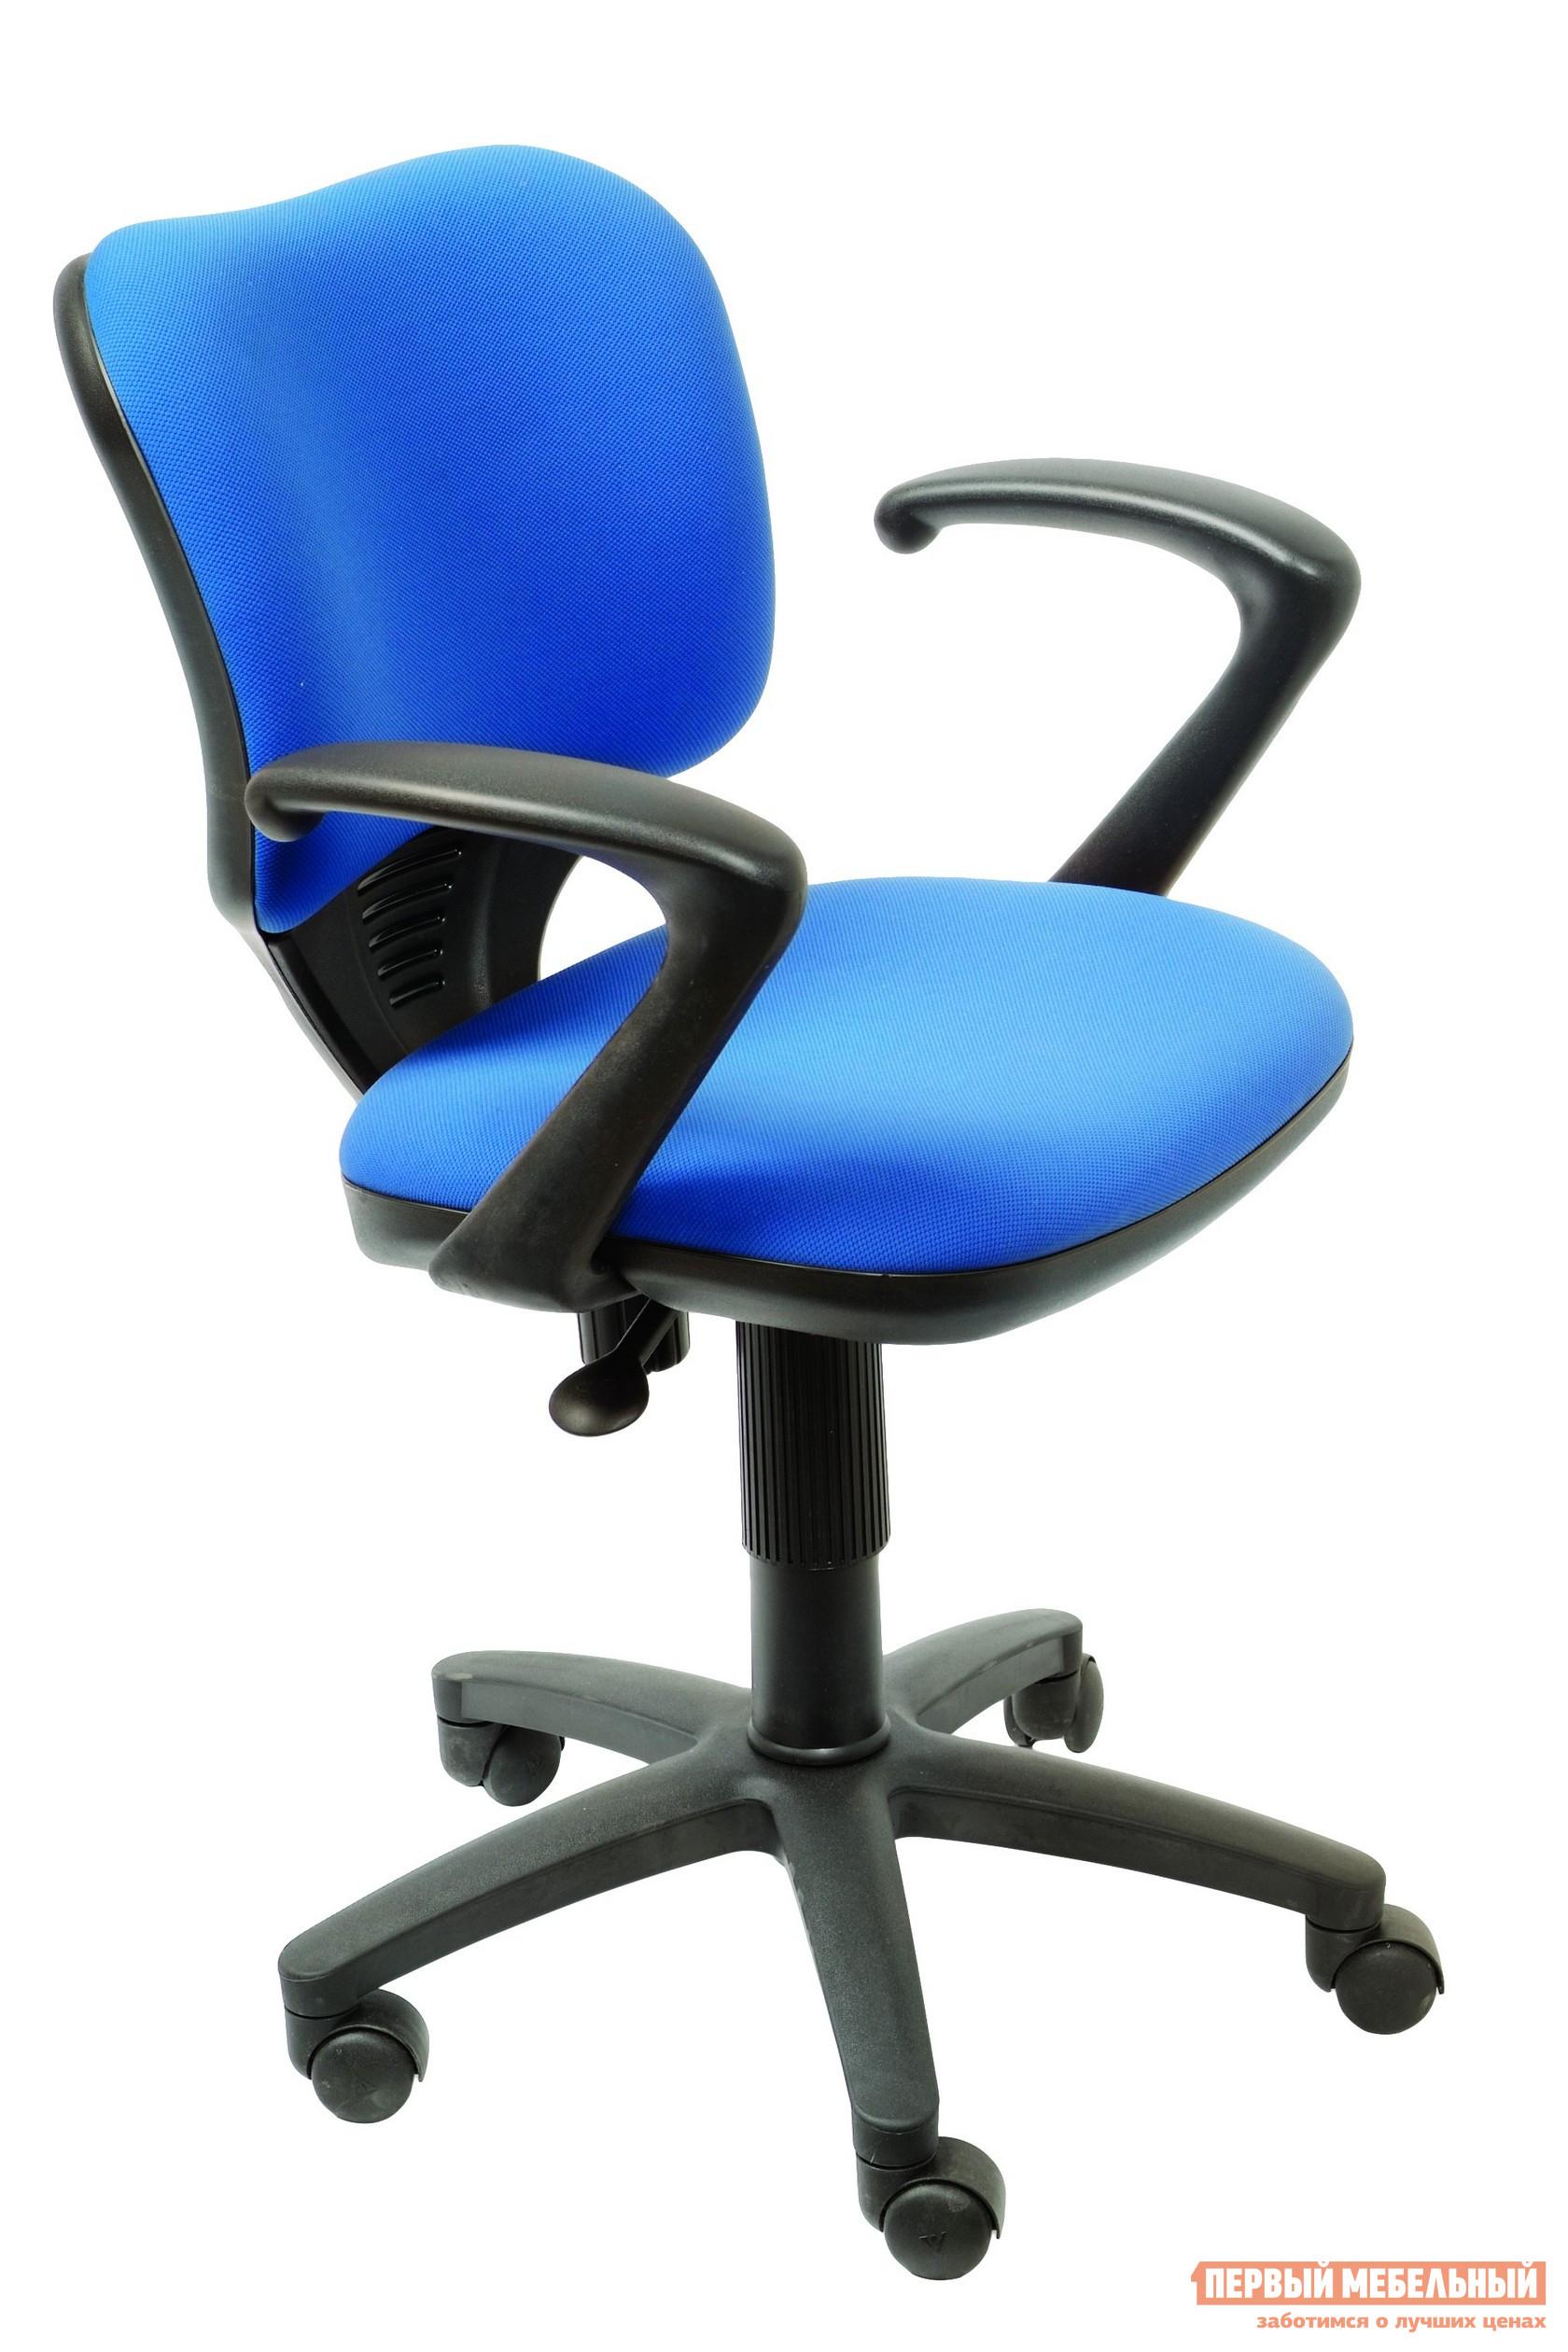 купить Офисное кресло Бюрократ CH-540AXSN-LOW по цене 4190 рублей